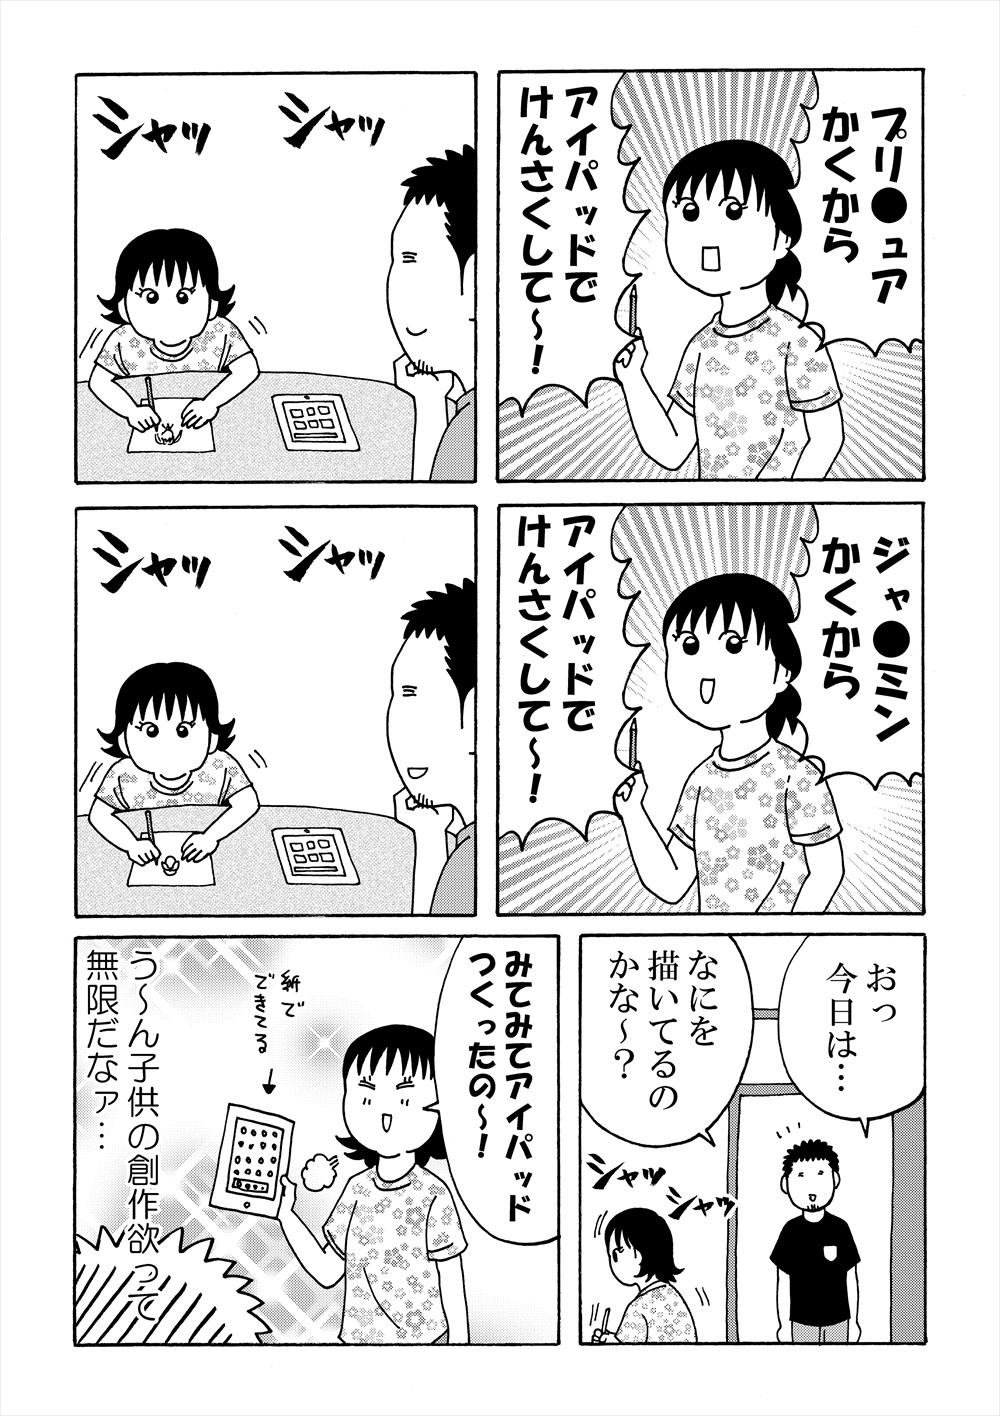 kyounouyokouamake_R